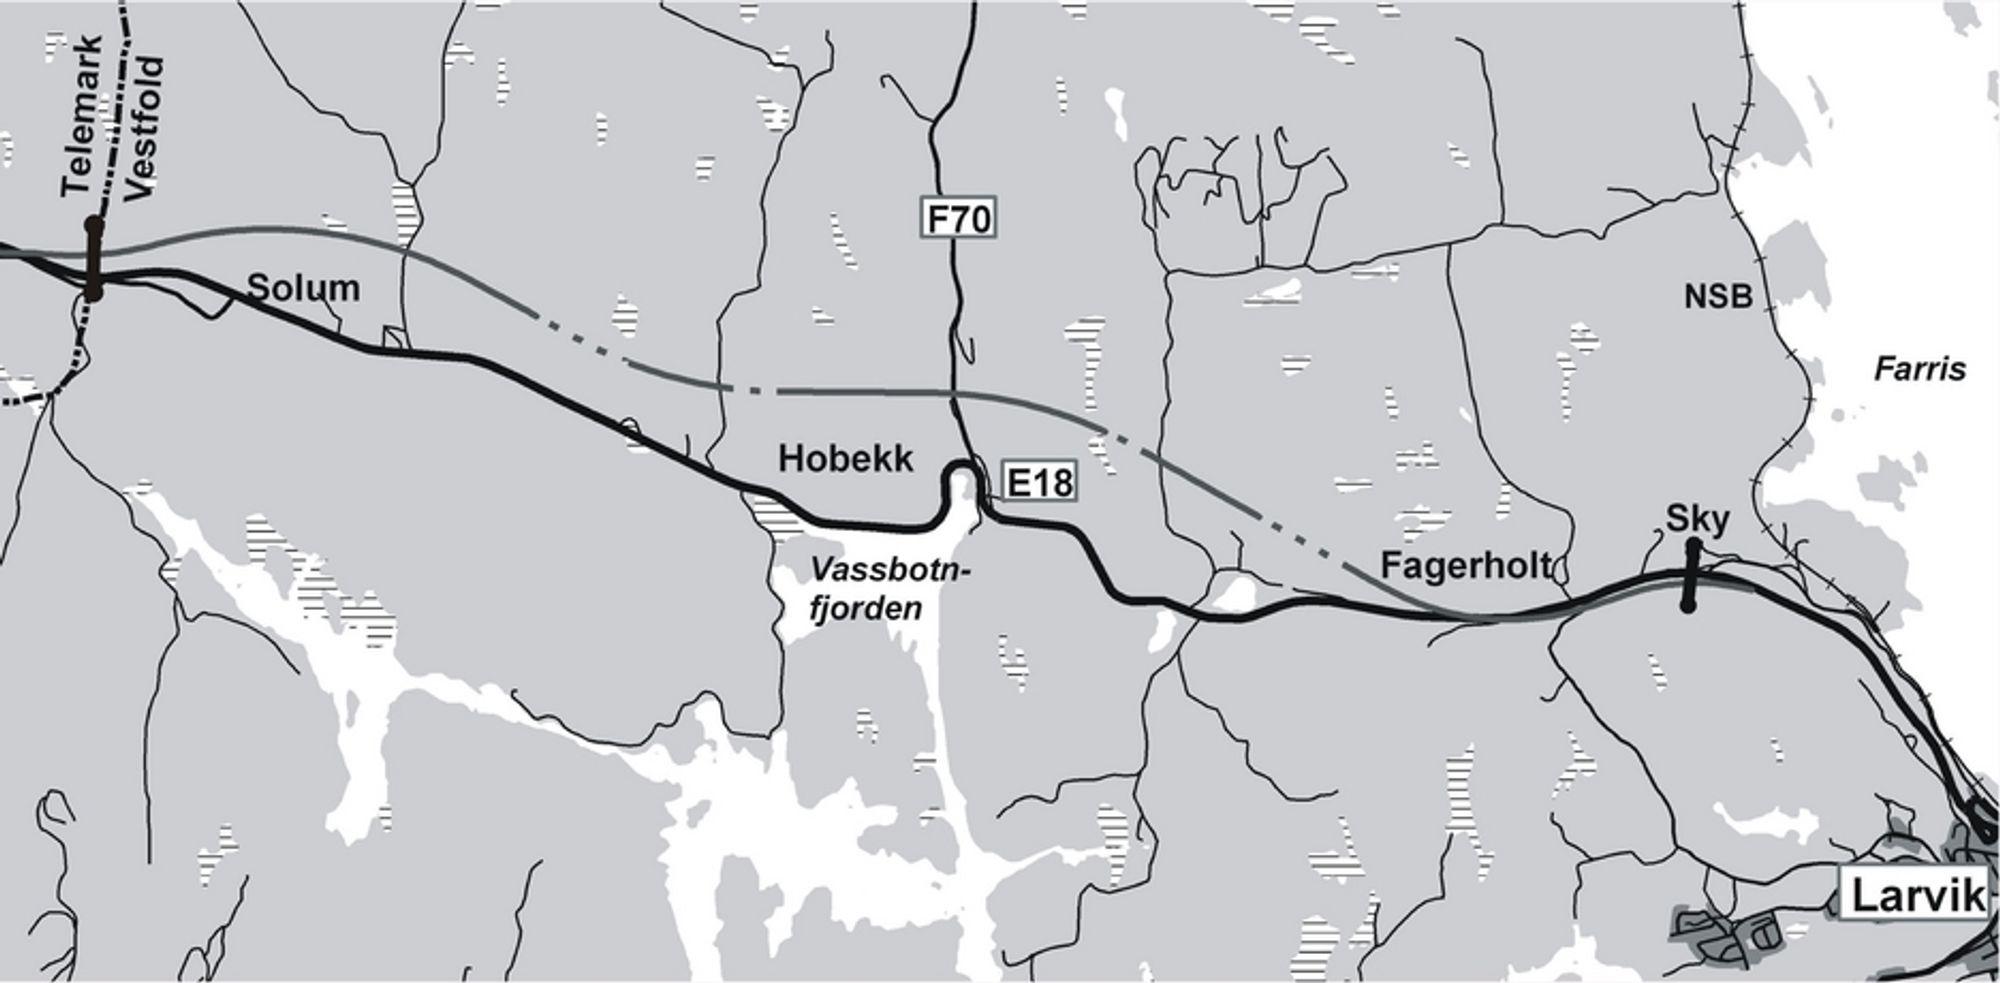 Det meste av E 18 mellom Sky og Langangen ligger i Vestfold fylke. En liten strekning lengst vest ligger i Telemark. (Ill.: Statens vegvesen)